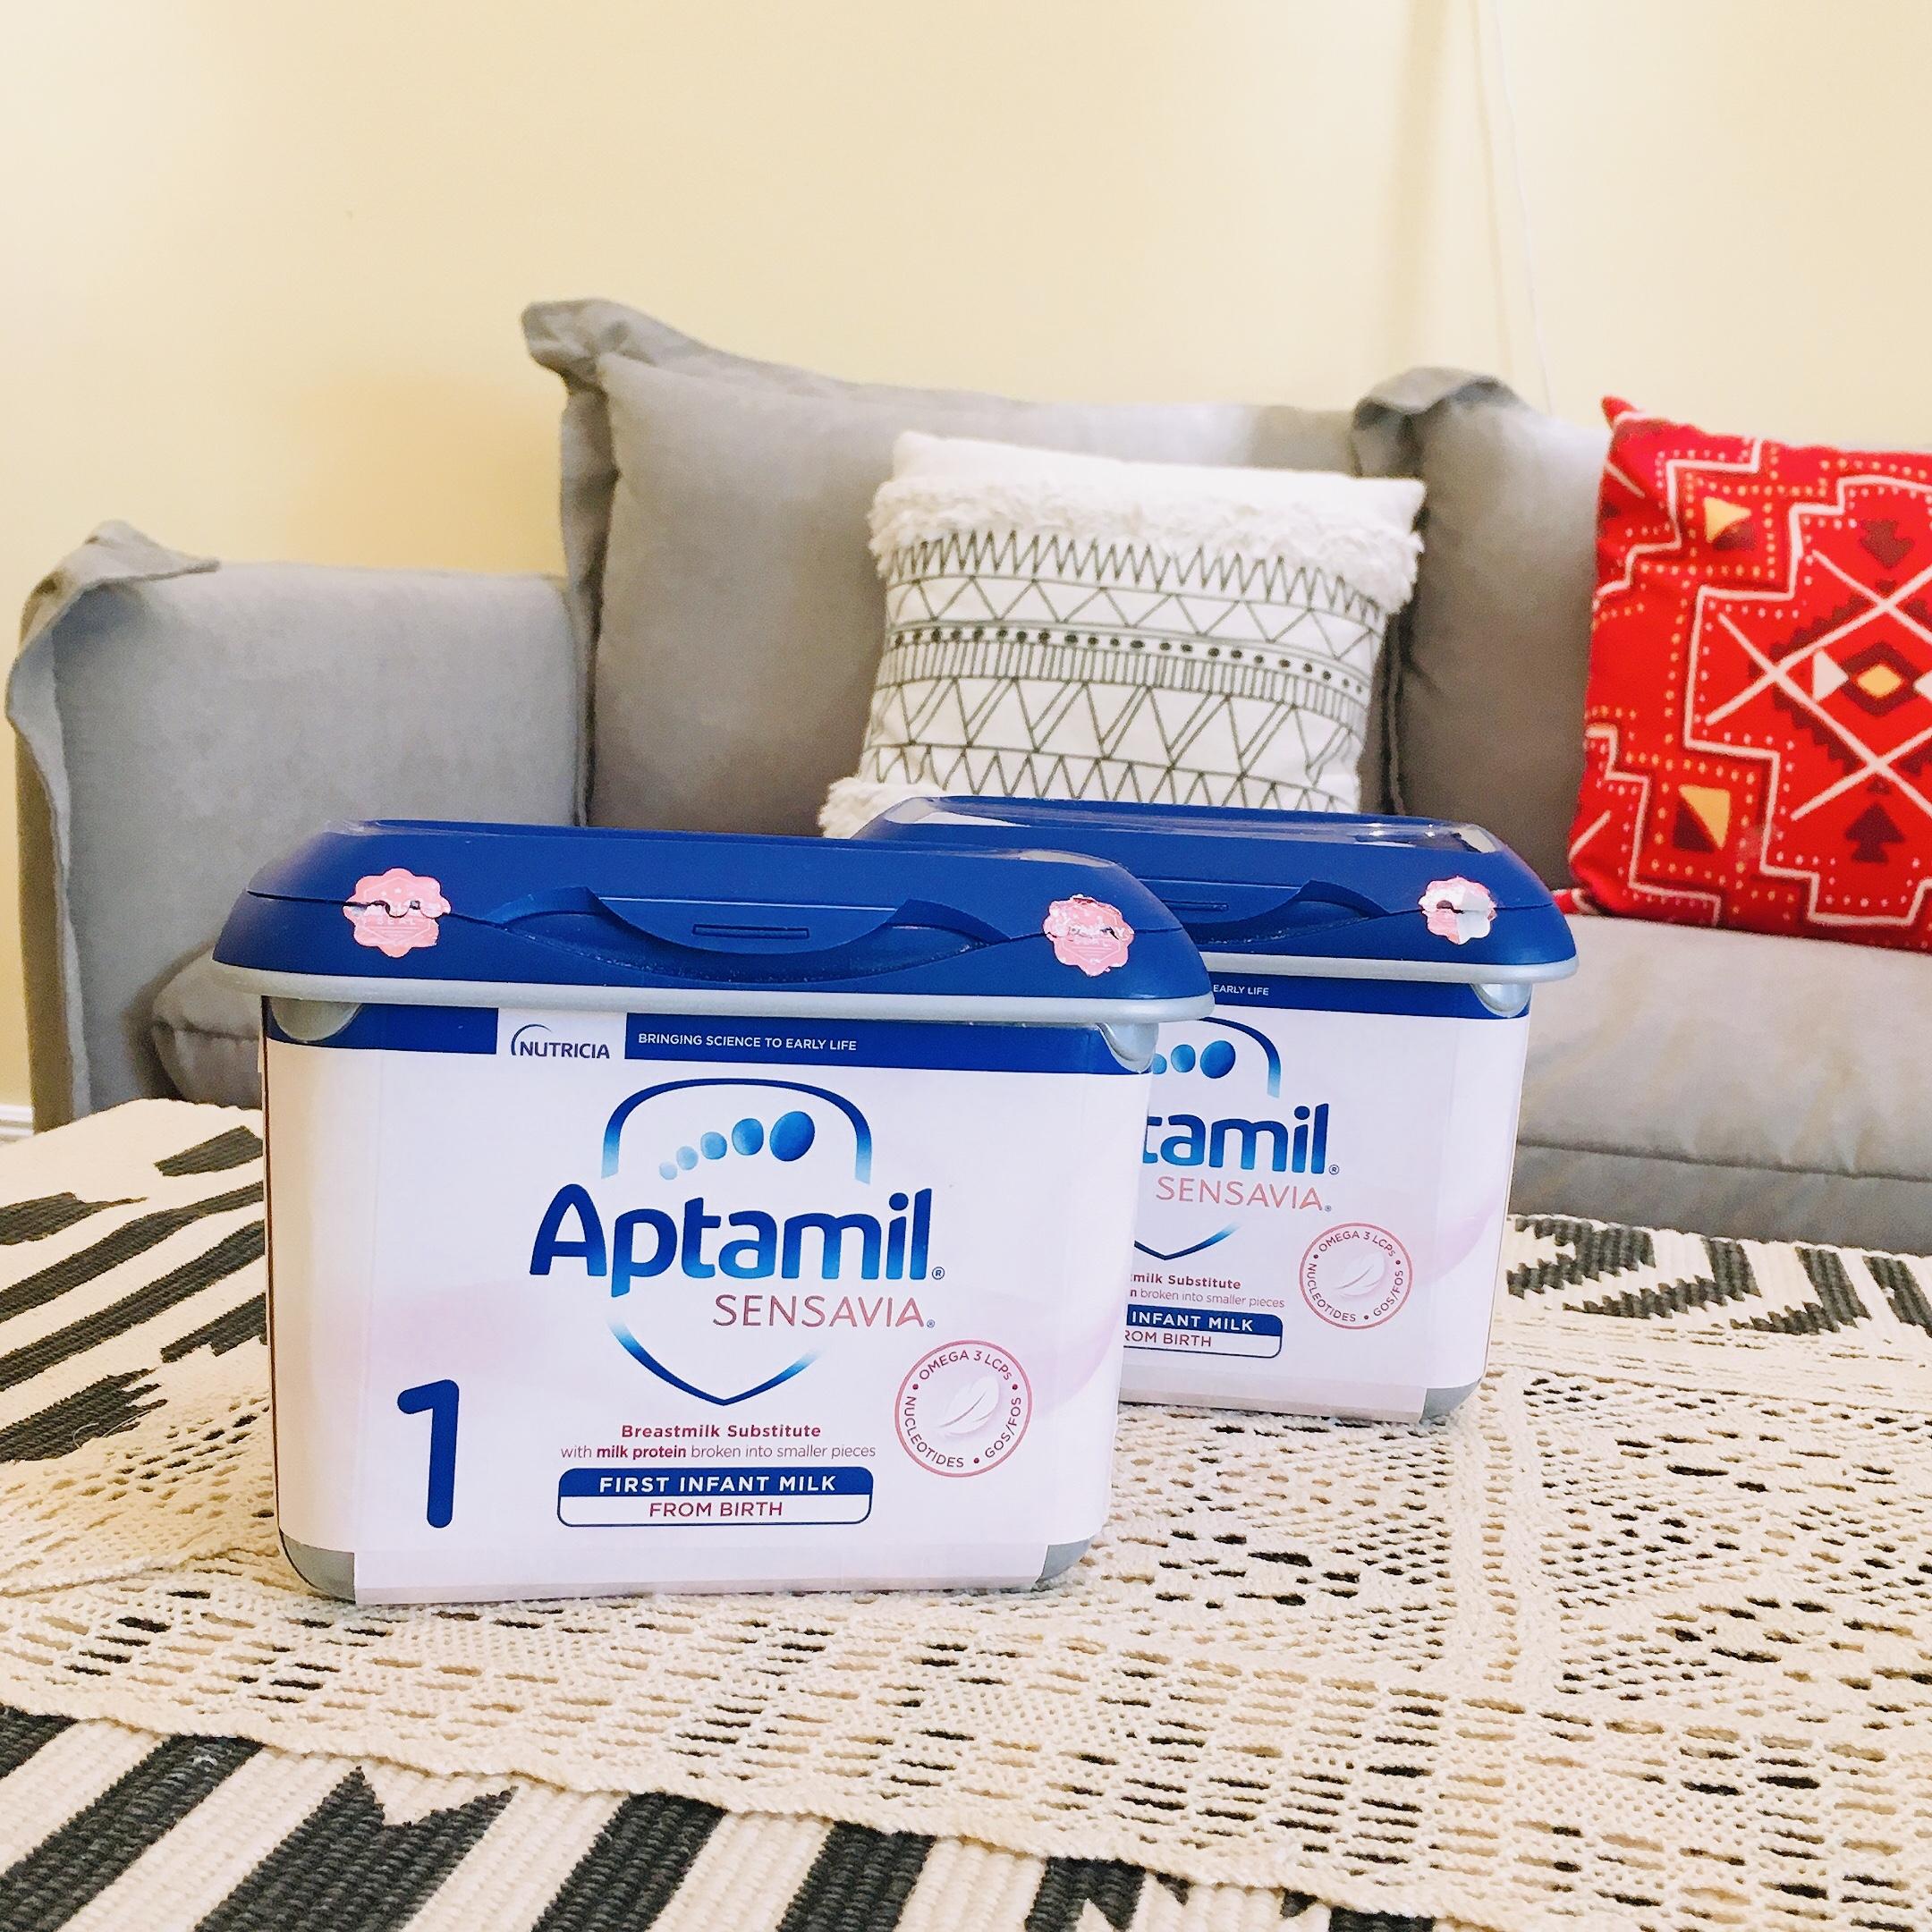 这十大奶粉品牌告诉你 刚出生的婴儿喝什么奶粉好 - 妈妈育儿网